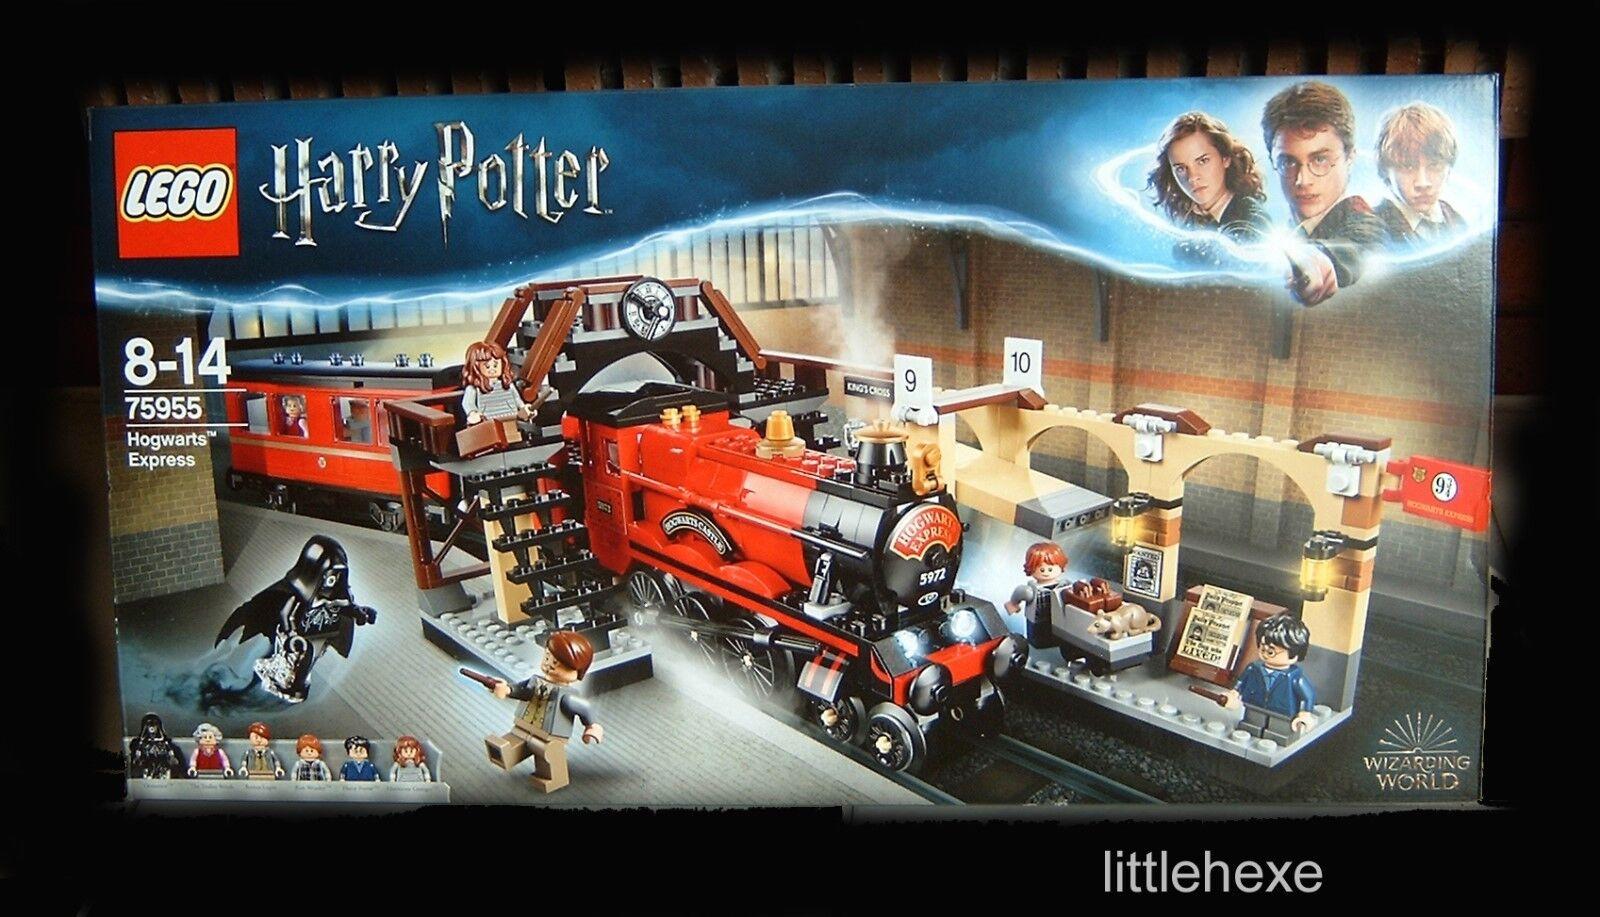 Lego Harry Potter Potter Potter 75955 Poudlard Express 2018 Nouveau/Neuf dans sa boîte immédiateHommes t disponible!!! 1356d0